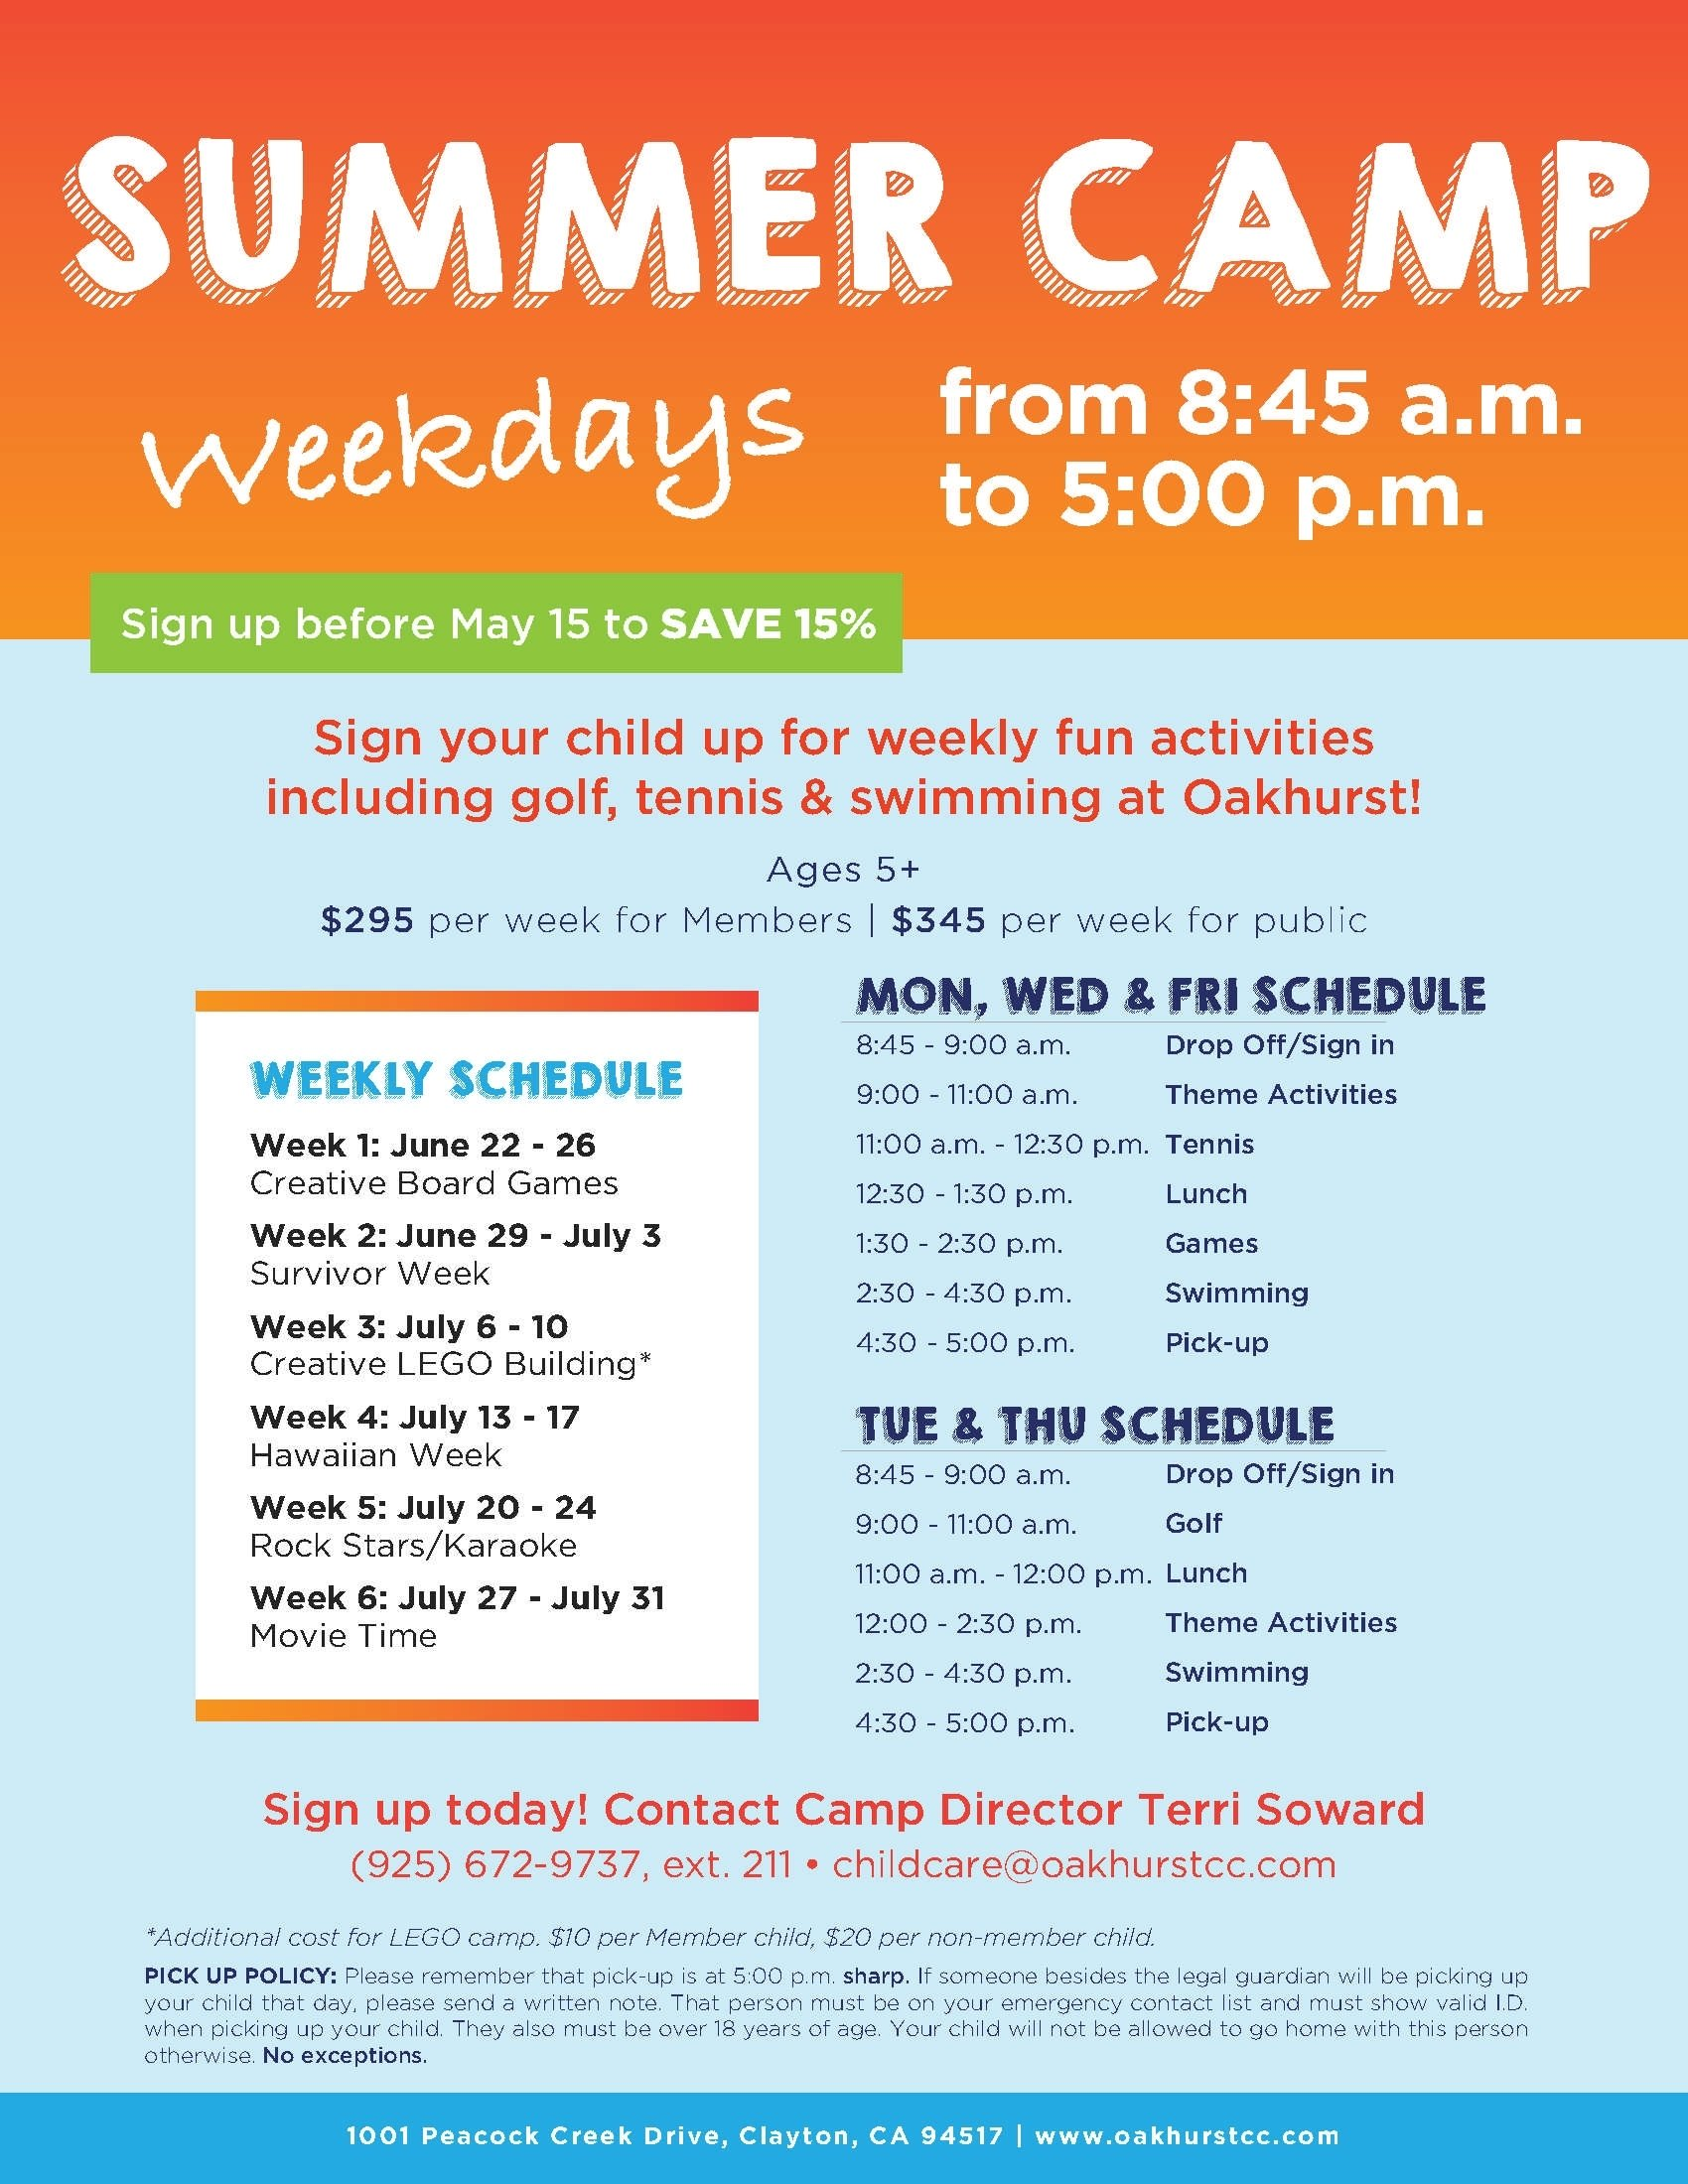 10 Perfect Preschool Summer Camp Theme Ideas oakhurst summer camp flyer template kids pinterest flyer